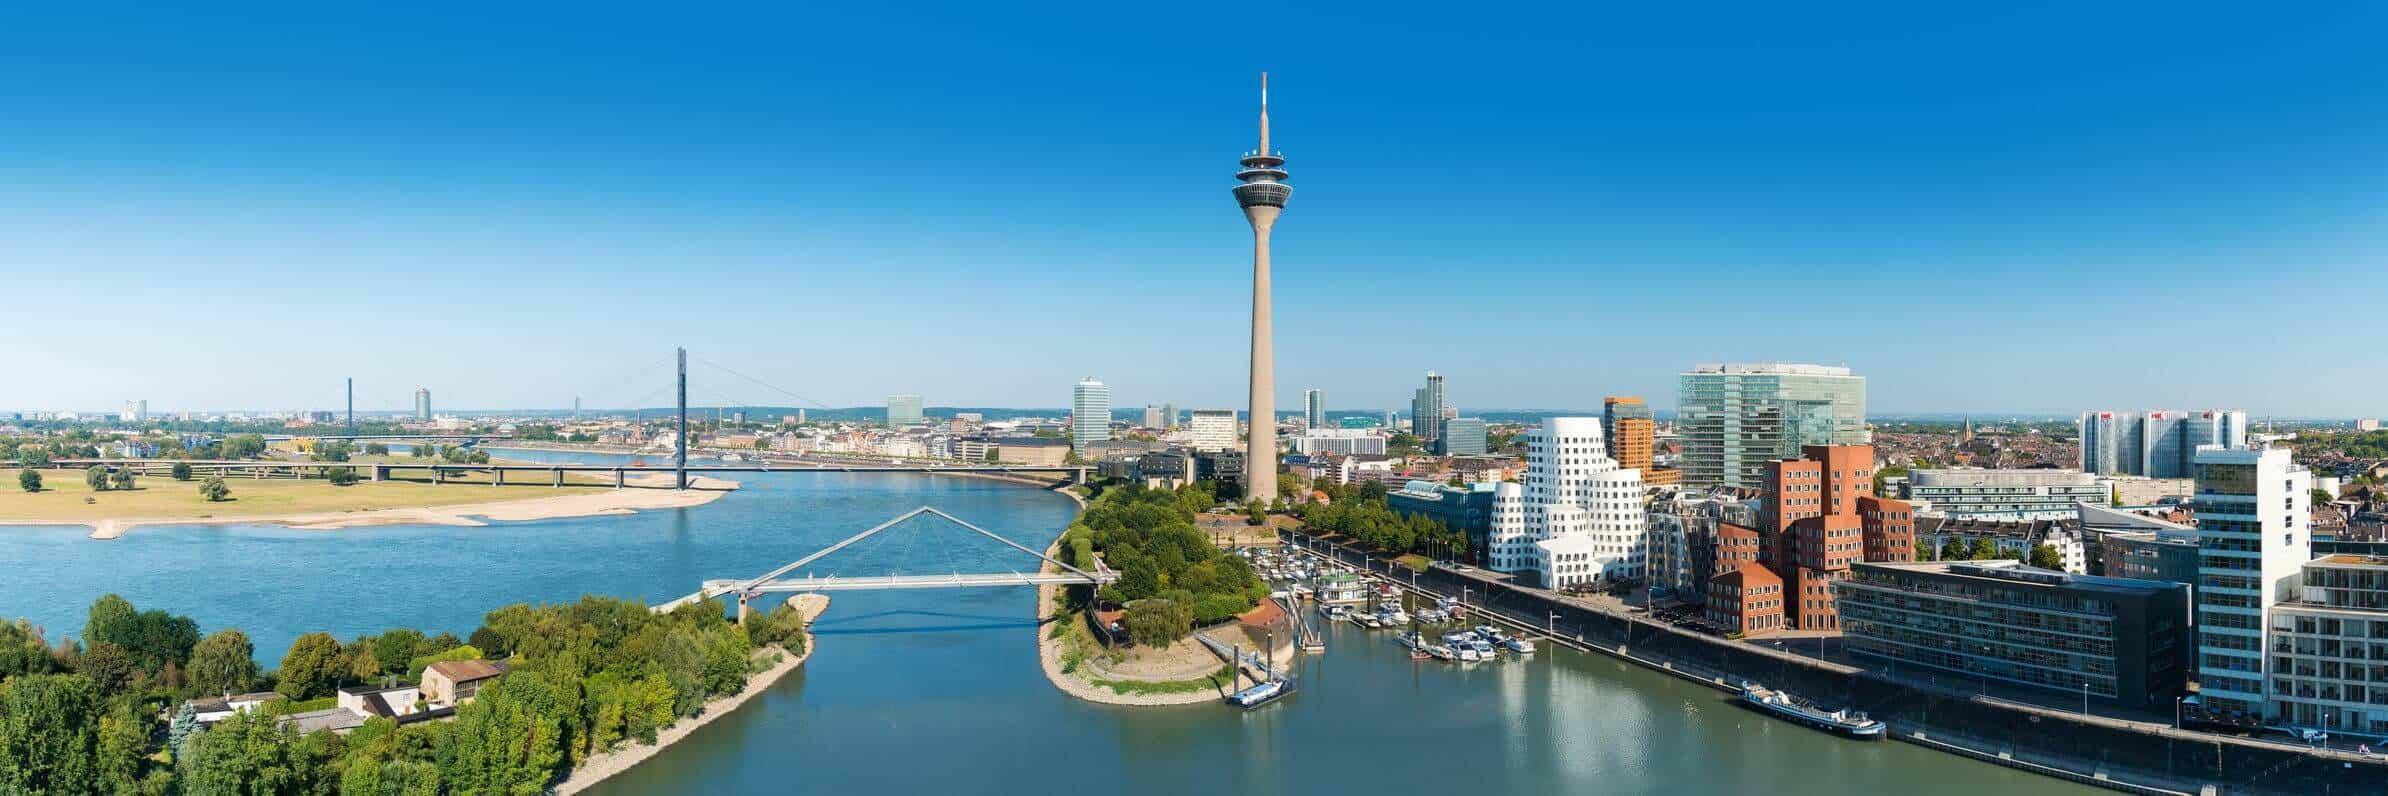 FragFina - Unabhängige Finanzberatung Versicherungsmakler Anlageberatung Düsseldorf